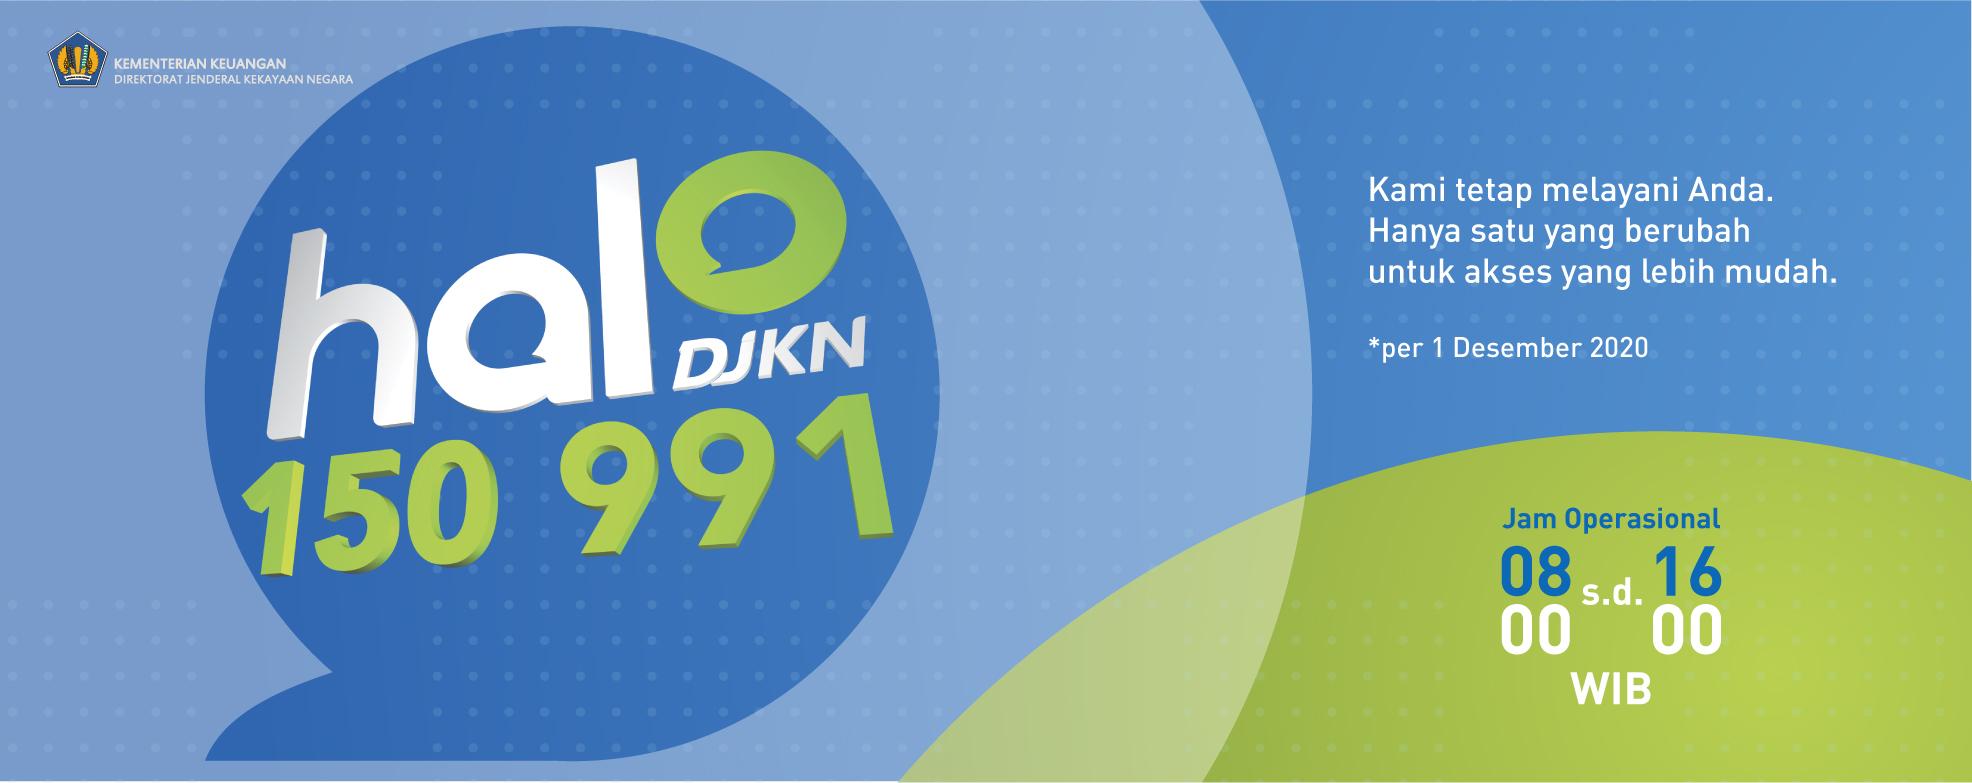 HALLO DJKN 150 991